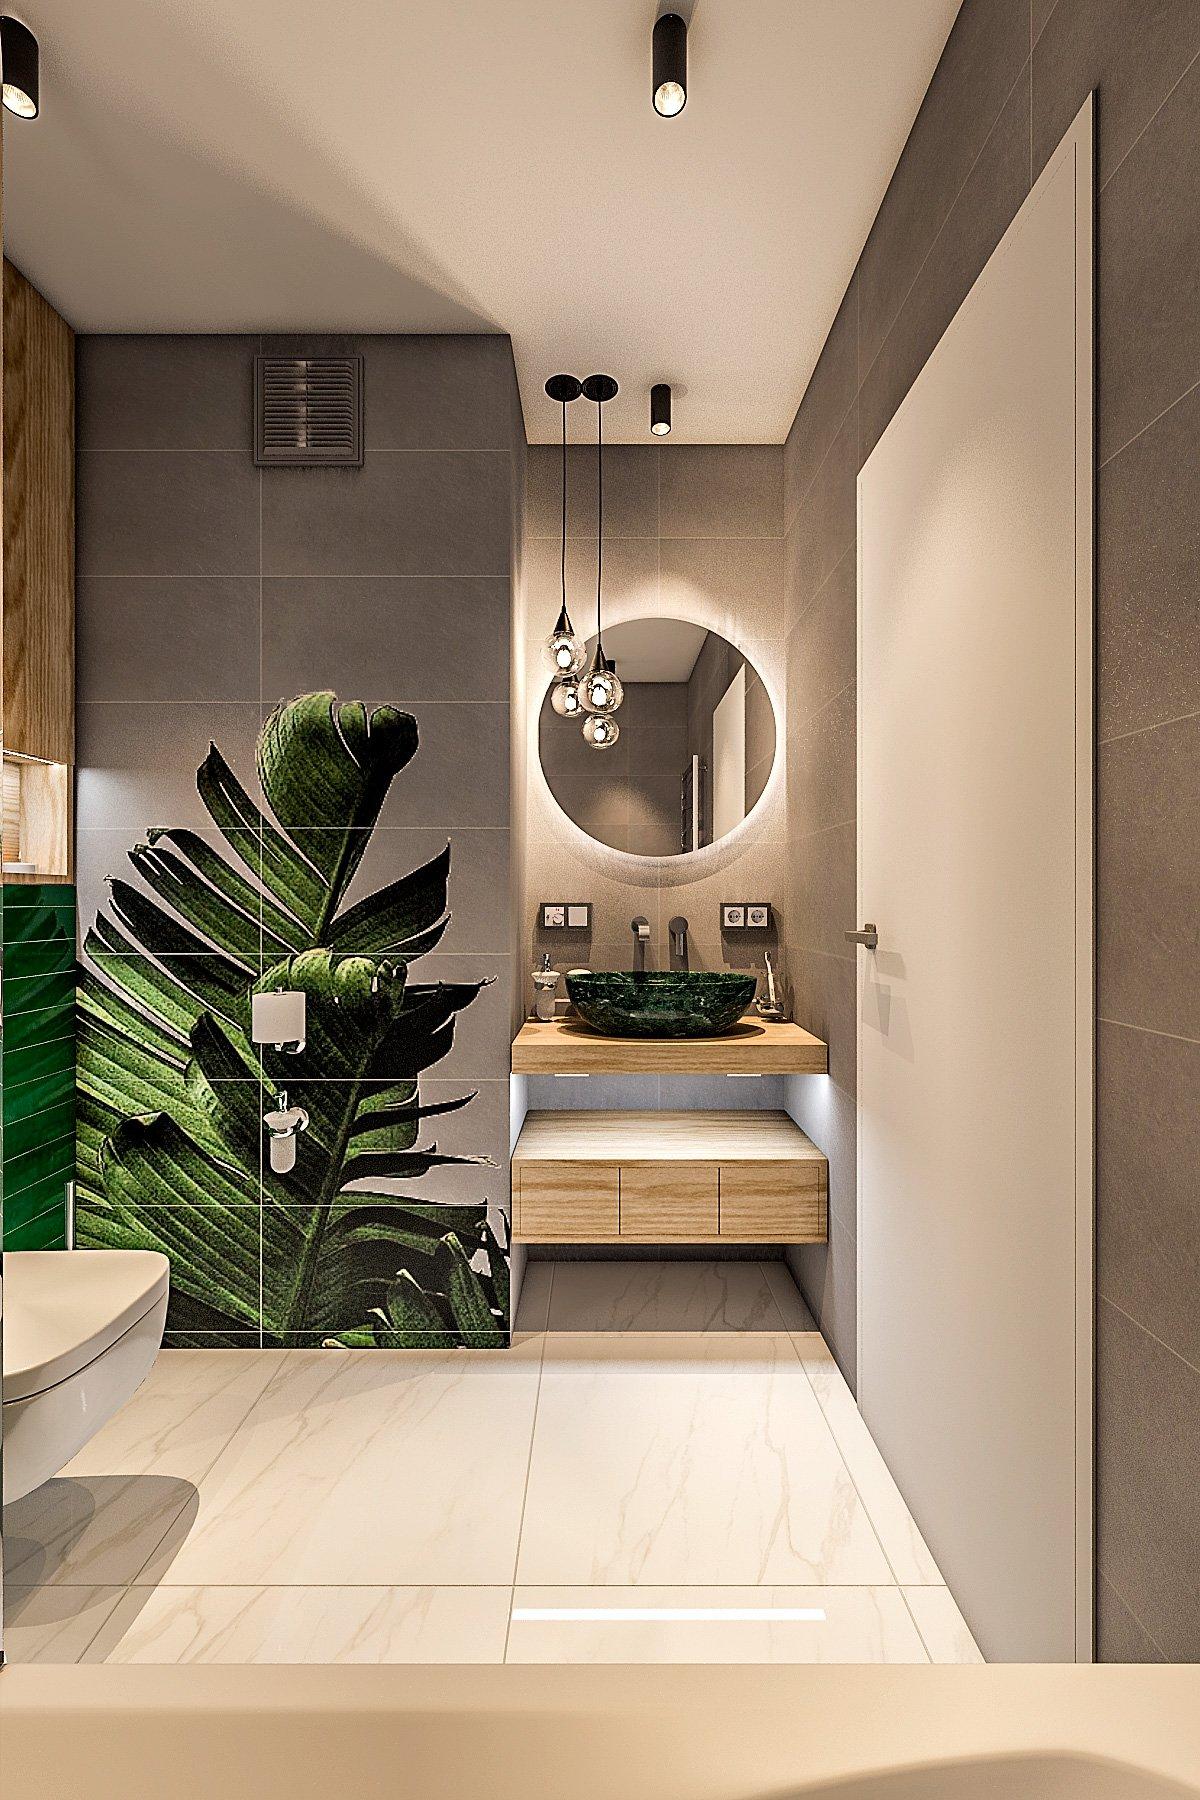 """дизайн санузла в современном стиле, круглое зеркало с подсветкой, раковина зеленая на столешнице, принт на плитке """"банановые листья"""""""